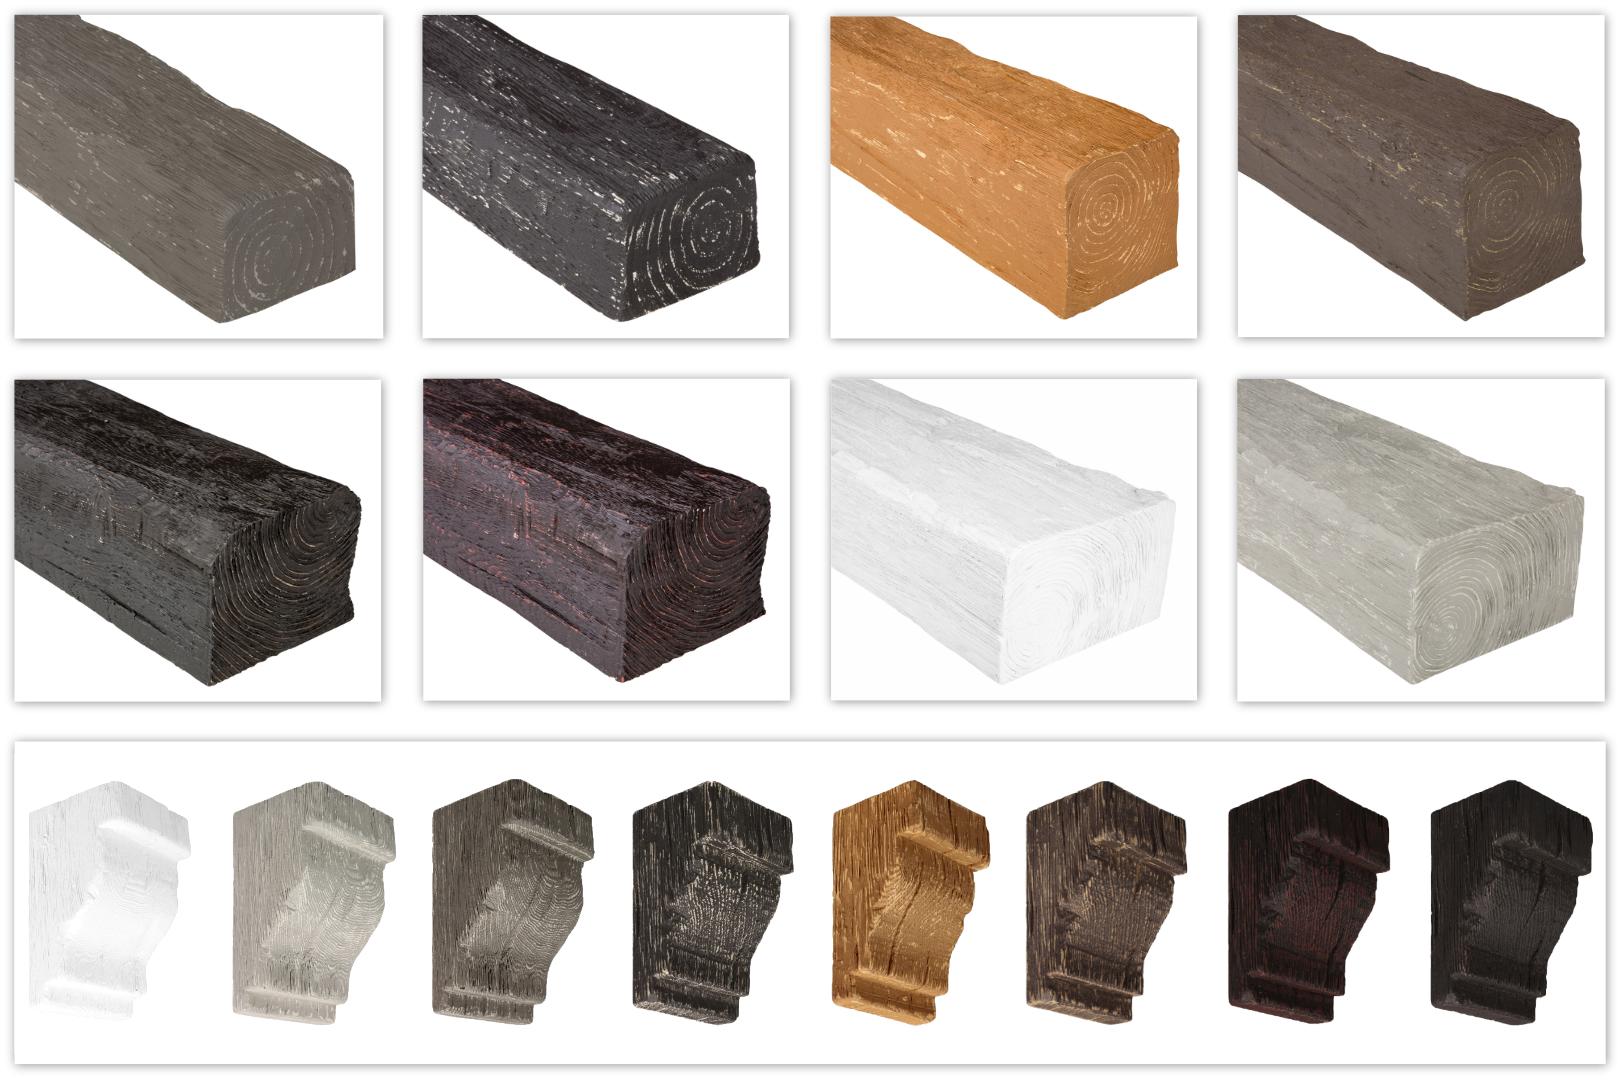 Balken und Konsolen Modern für Decke & Wand - Holzimitat Verkleidung Cosca